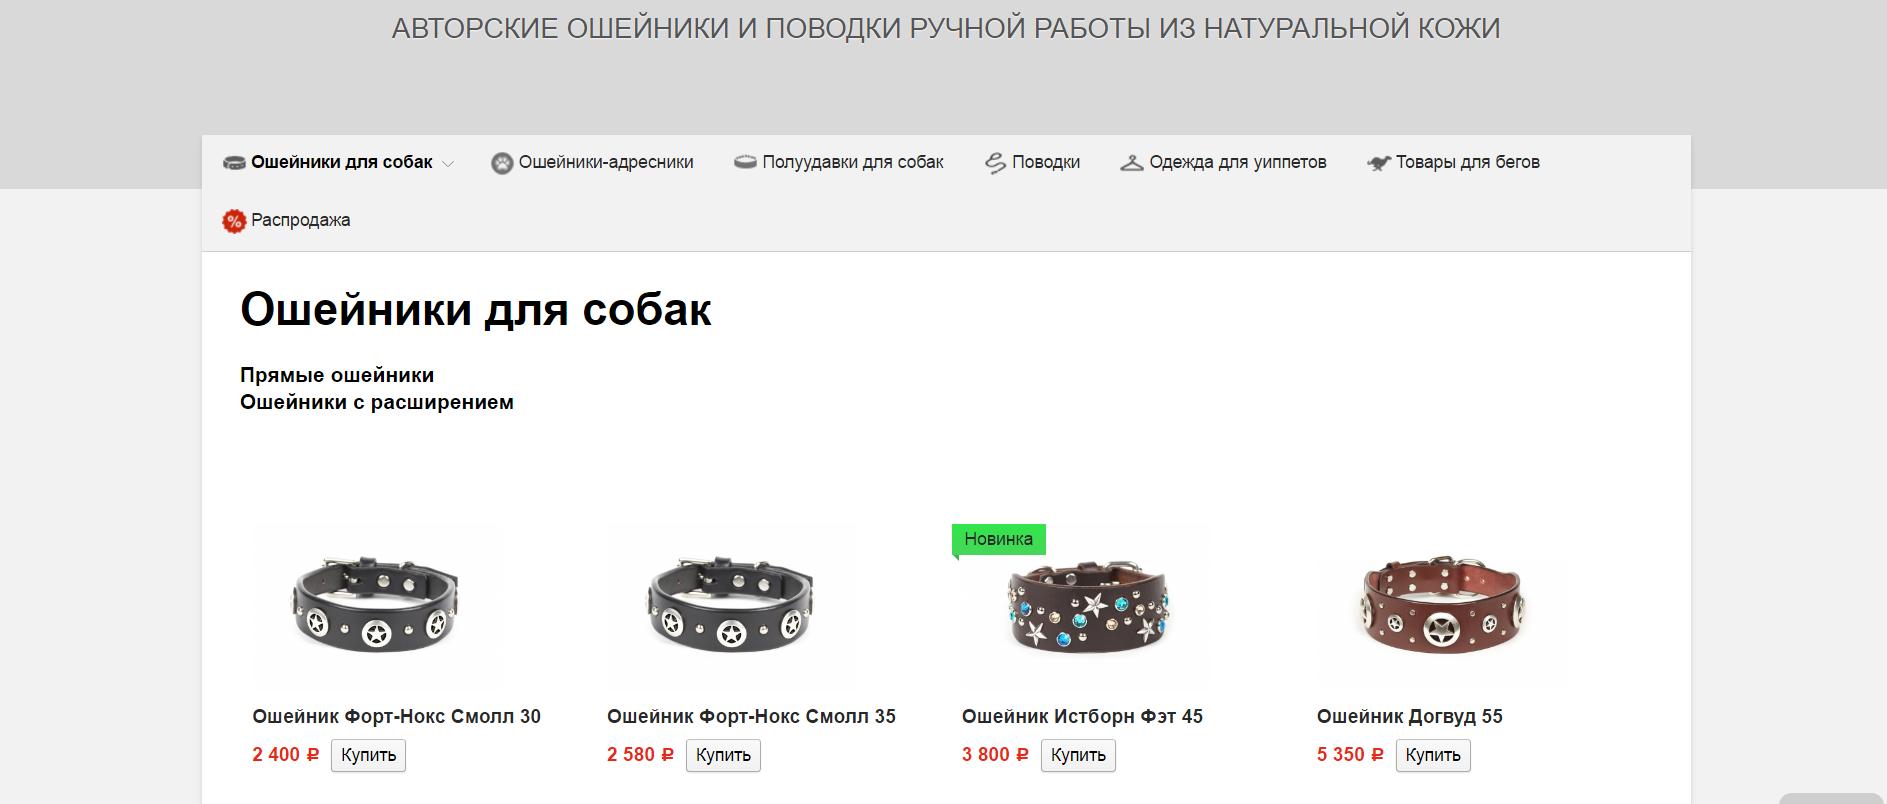 Интернет-магазин изделий для собак в Москве